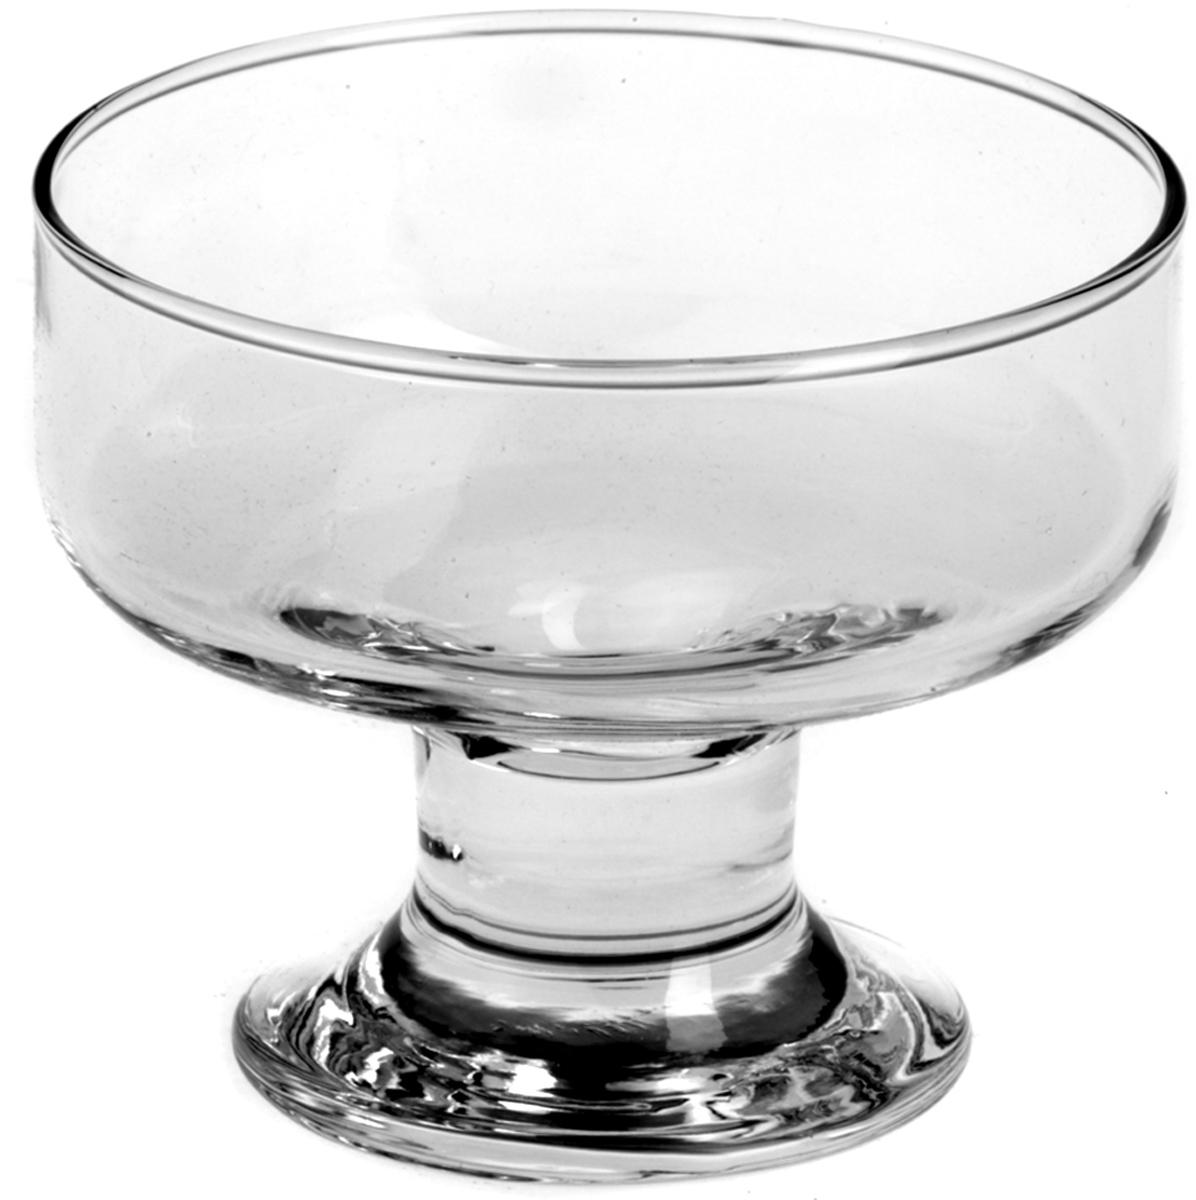 """Креманка Pasabahce """"Ice Ville"""" изготовлена из непористого стекла. Благодаря высокому уровню применяемых технологий изделие может использоваться на протяжении многих лет, не утрачивая эстетической привлекательности и оставаясь функциональными и современными. Высота: 81 мм. Объем: 250 мл."""